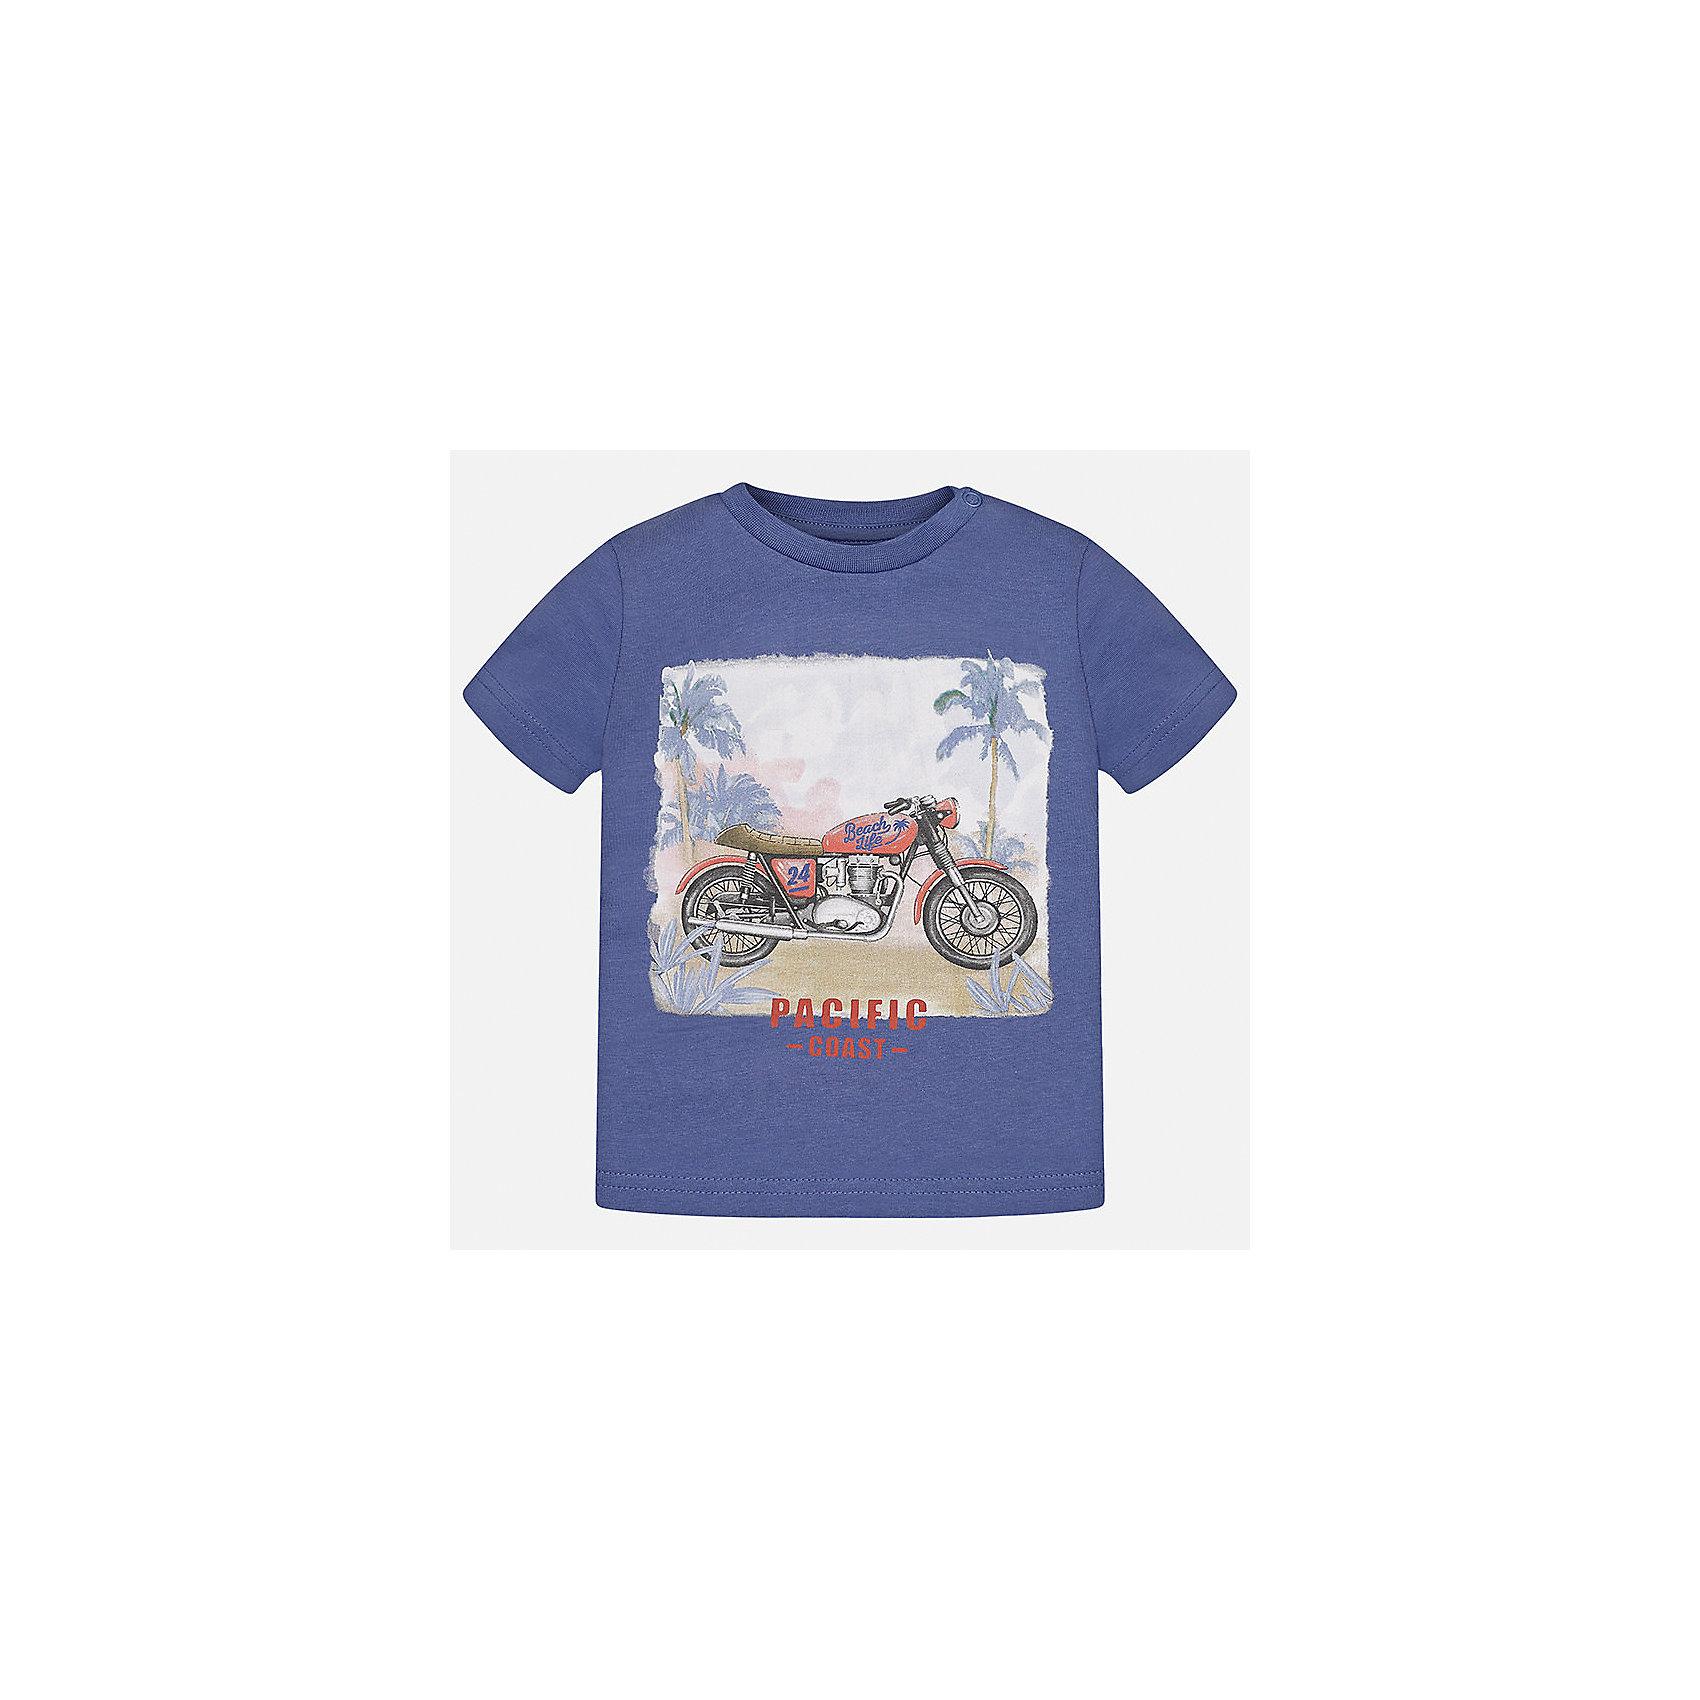 Футболка для мальчика MayoralФутболки, поло и топы<br>Характеристики товара:<br><br>• цвет: синий<br>• состав: 100% хлопок<br>• круглый горловой вырез<br>• декорирована принтом<br>• короткие рукава<br>• мягкая отделка горловины<br>• страна бренда: Испания<br><br>Красивая хлопковая футболка с принтом поможет разнообразить гардероб мальчика. Она отлично сочетается с брюками, шортами, джинсами. Универсальный крой и цвет позволяет подобрать к вещи низ разных расцветок. Практичное и стильное изделие! Хорошо смотрится и комфортно сидит на детях. В составе материала - только натуральный хлопок, гипоаллергенный, приятный на ощупь, дышащий. <br><br>Одежда, обувь и аксессуары от испанского бренда Mayoral полюбились детям и взрослым по всему миру. Модели этой марки - стильные и удобные. Для их производства используются только безопасные, качественные материалы и фурнитура. Порадуйте ребенка модными и красивыми вещами от Mayoral! <br><br>Футболку для мальчика от испанского бренда Mayoral (Майорал) можно купить в нашем интернет-магазине.<br><br>Ширина мм: 199<br>Глубина мм: 10<br>Высота мм: 161<br>Вес г: 151<br>Цвет: фиолетовый<br>Возраст от месяцев: 12<br>Возраст до месяцев: 15<br>Пол: Мужской<br>Возраст: Детский<br>Размер: 80,92,86<br>SKU: 5278509